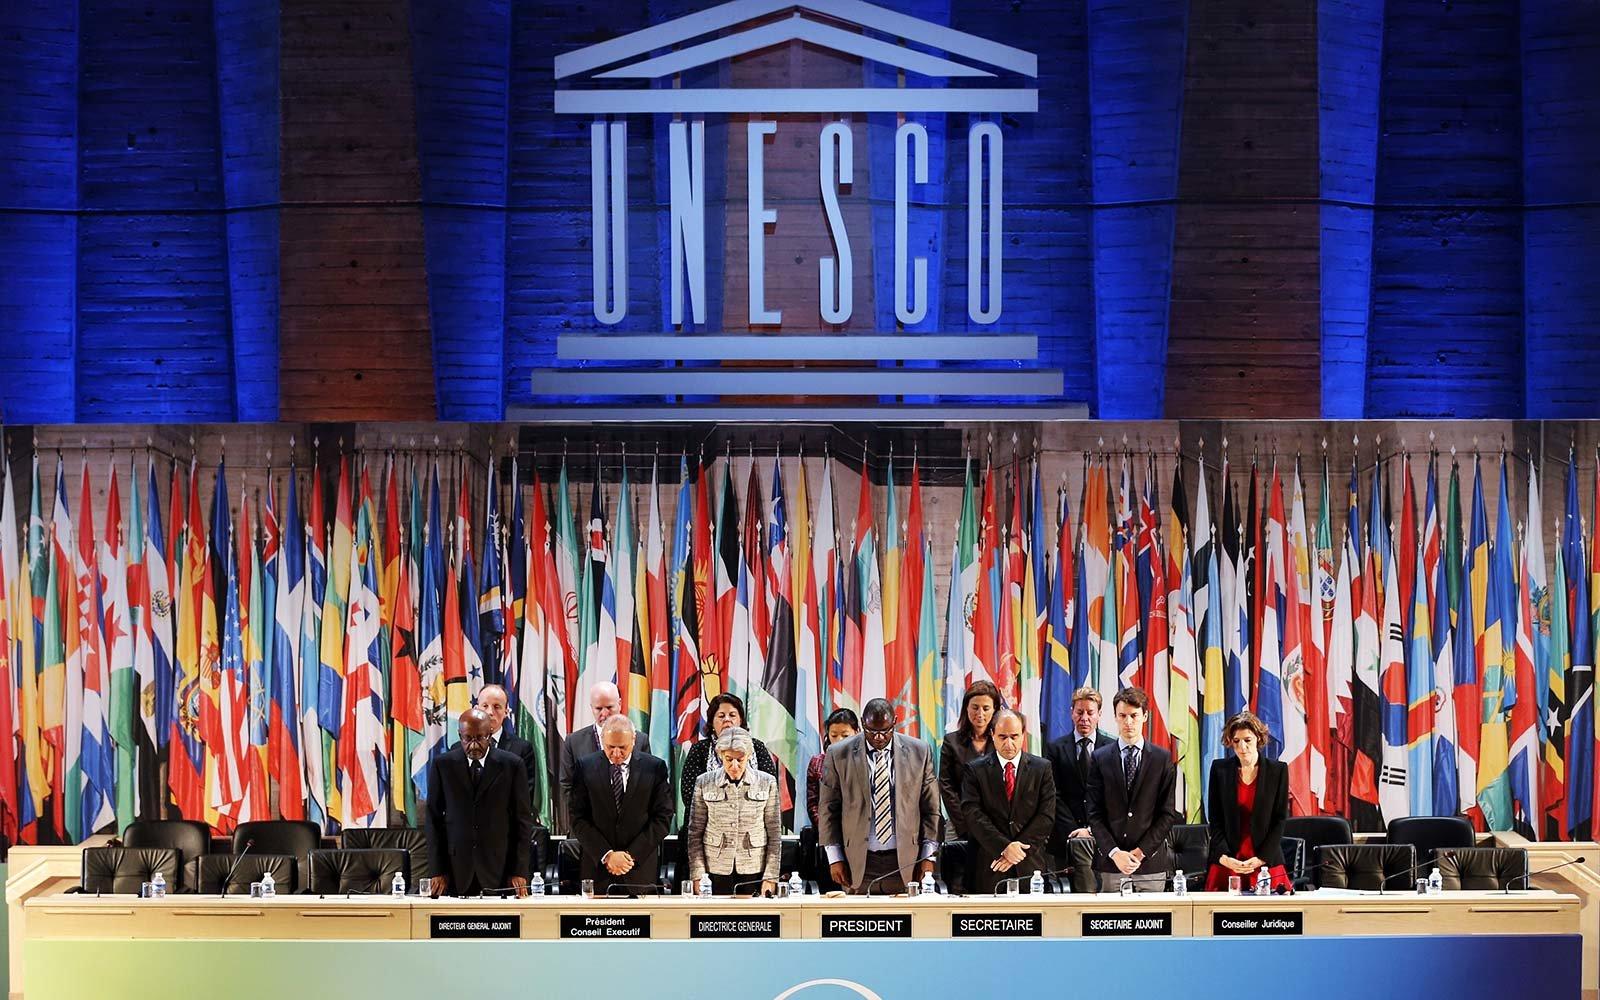 Medios de comunicación debatirán en la UNESCO como abordar la situación del terrorismo a nivel mundial